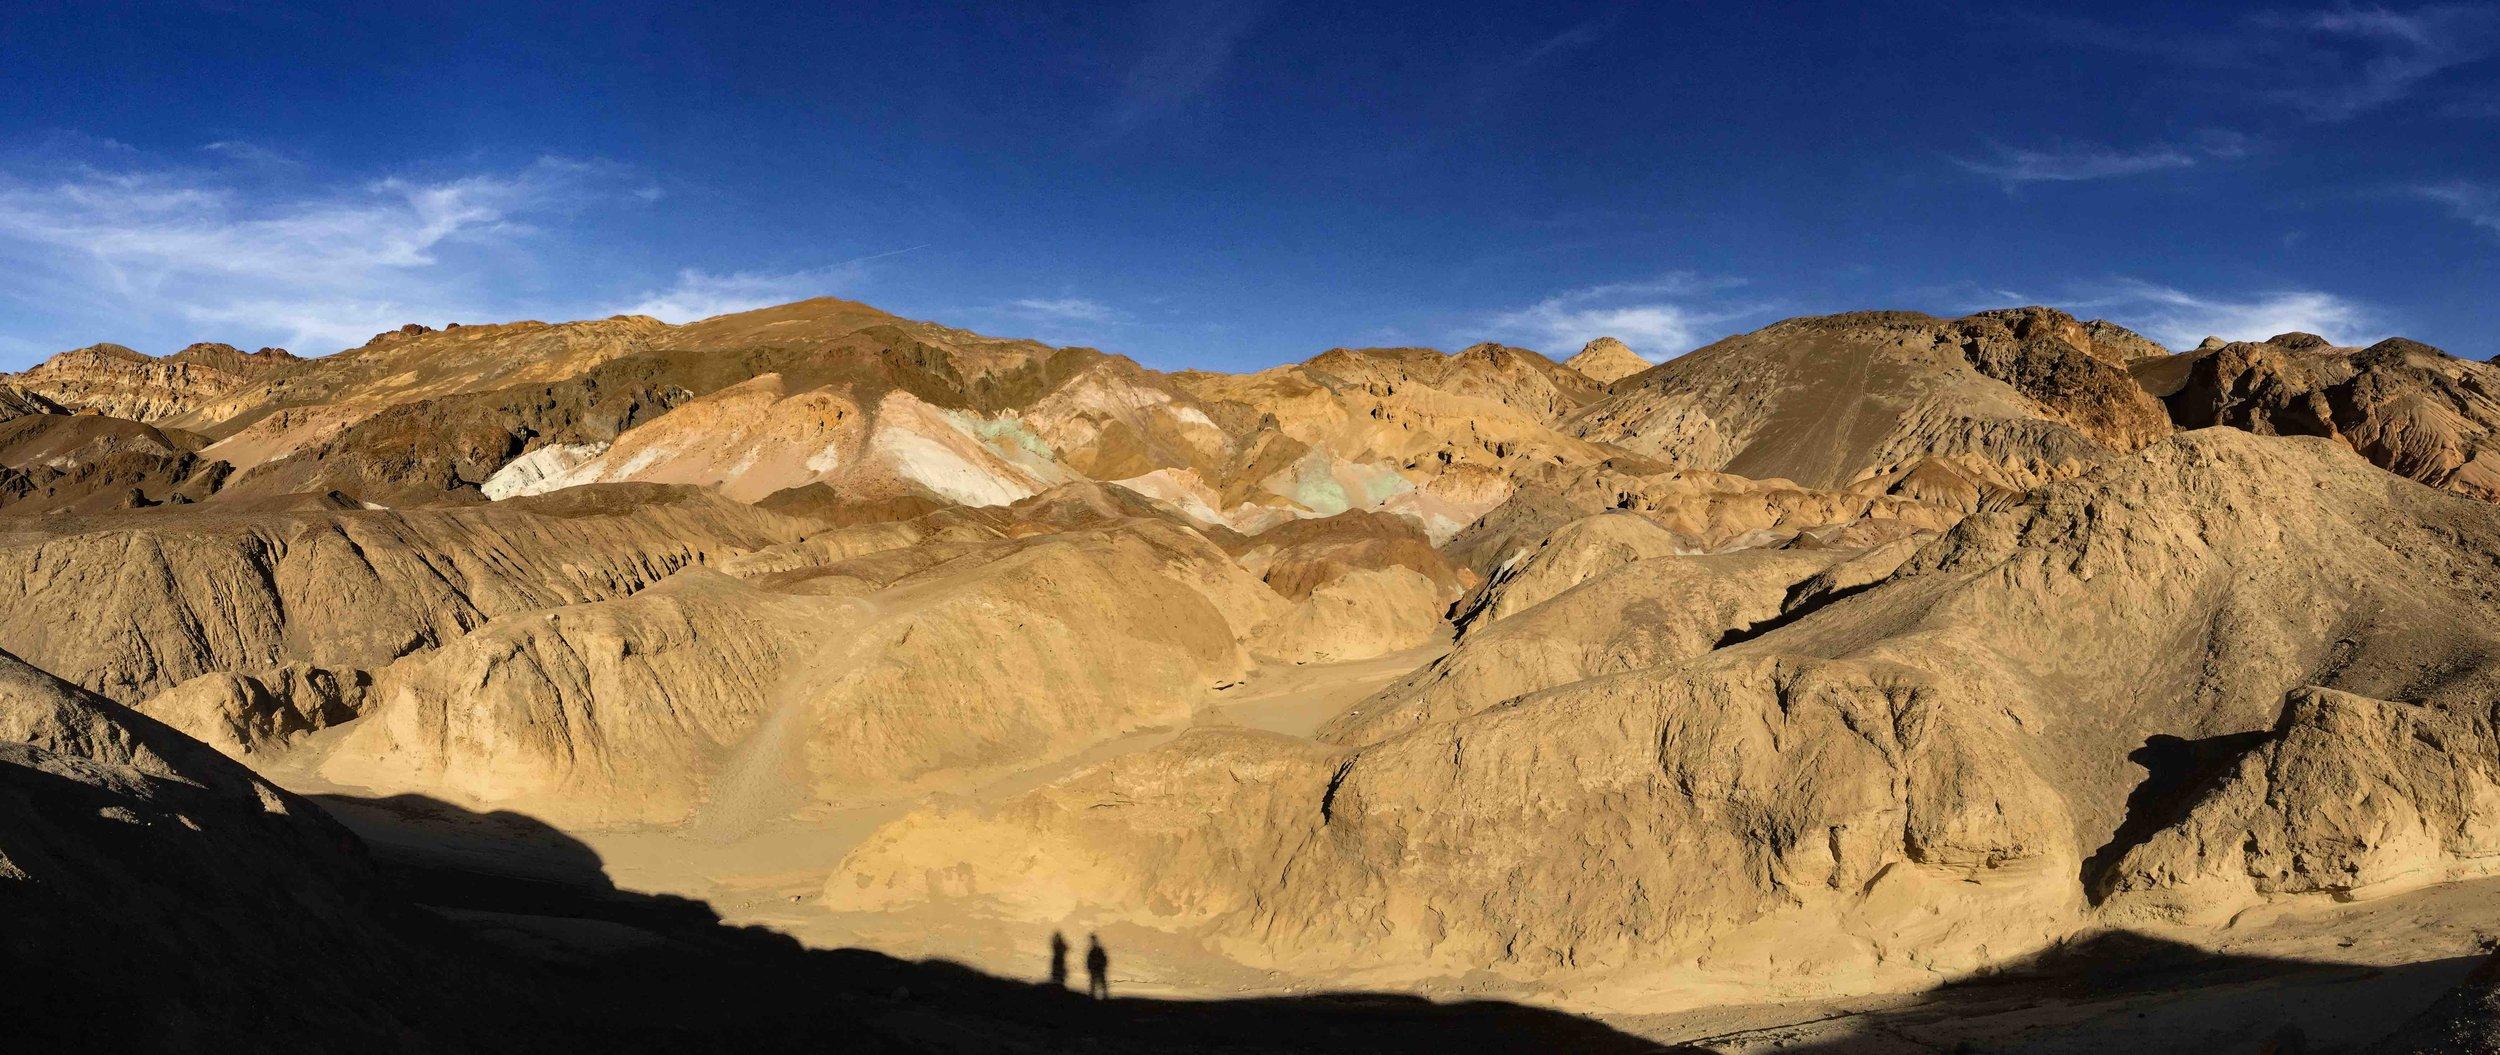 Artist Point, Death Valley